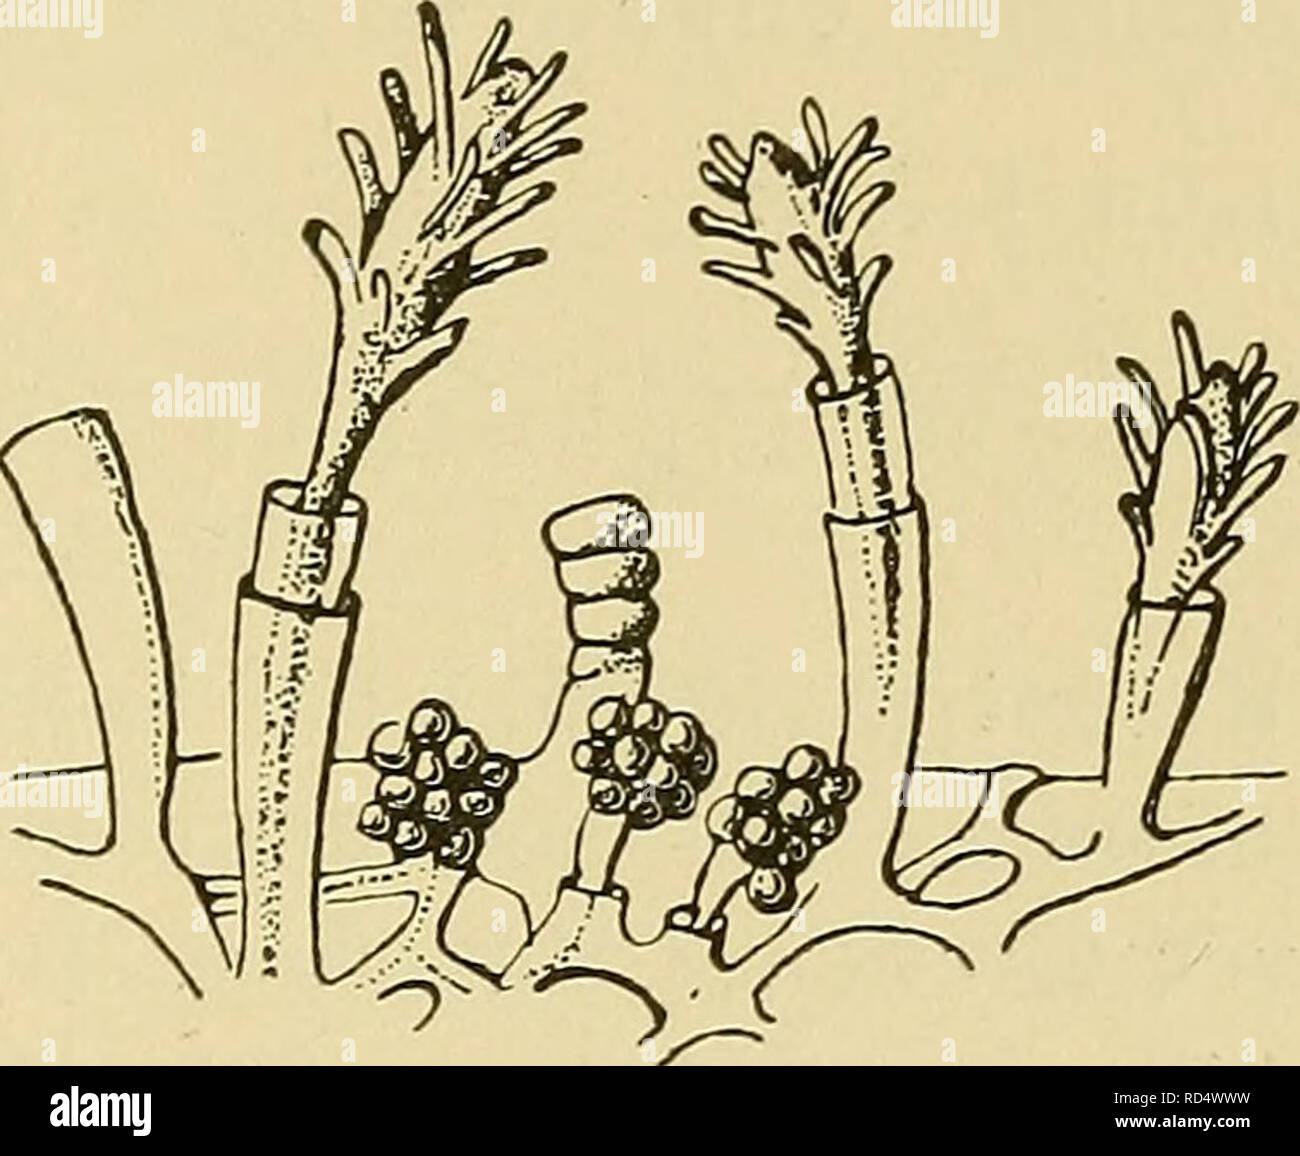 . Danmarks fauna; illustrerede haandbøger over den danske dyreverden... . Fig. 33. Merona cornucopiæ; a nat. Størrelse, paa en Astarte b forstørret, med Gonoforer. (Efter Hincks). 1. Mérona cornucopiæ Norman (Tubiclåva cornucopiæ) (Fig. 33). Kolonien bestaar af krybende Stoloner, hvorfra ud- gaar smaa ugrenede Stammer, ca. 5 mm høje, omgivne af et Perisarkrør, der er smalt forneden, jævnt tiltagende i Vidde opefter. Det kølleformede Hydranth kan trække sig ind i den øverste Del af Perisarkrøret. De traadfor- mede Tentakler sidder spredt over Hydranthet. Gonoforer i tætte Klynger paa smaa Blast - Stock Image